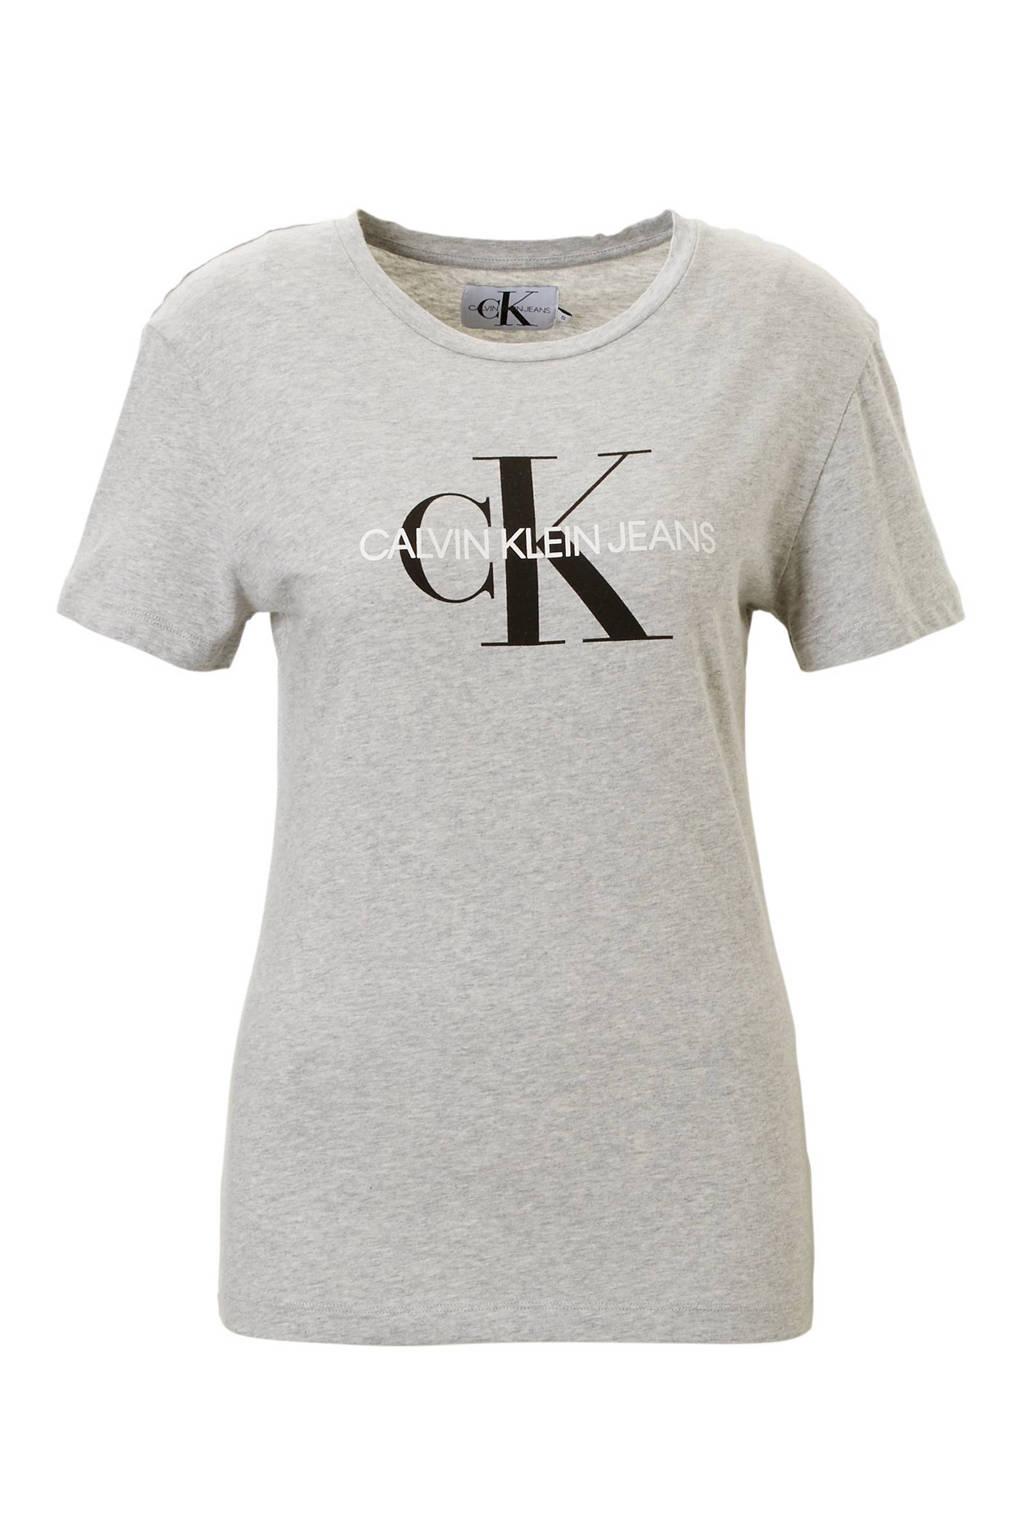 Calvin Klein Jeans T-shirt, Grijs